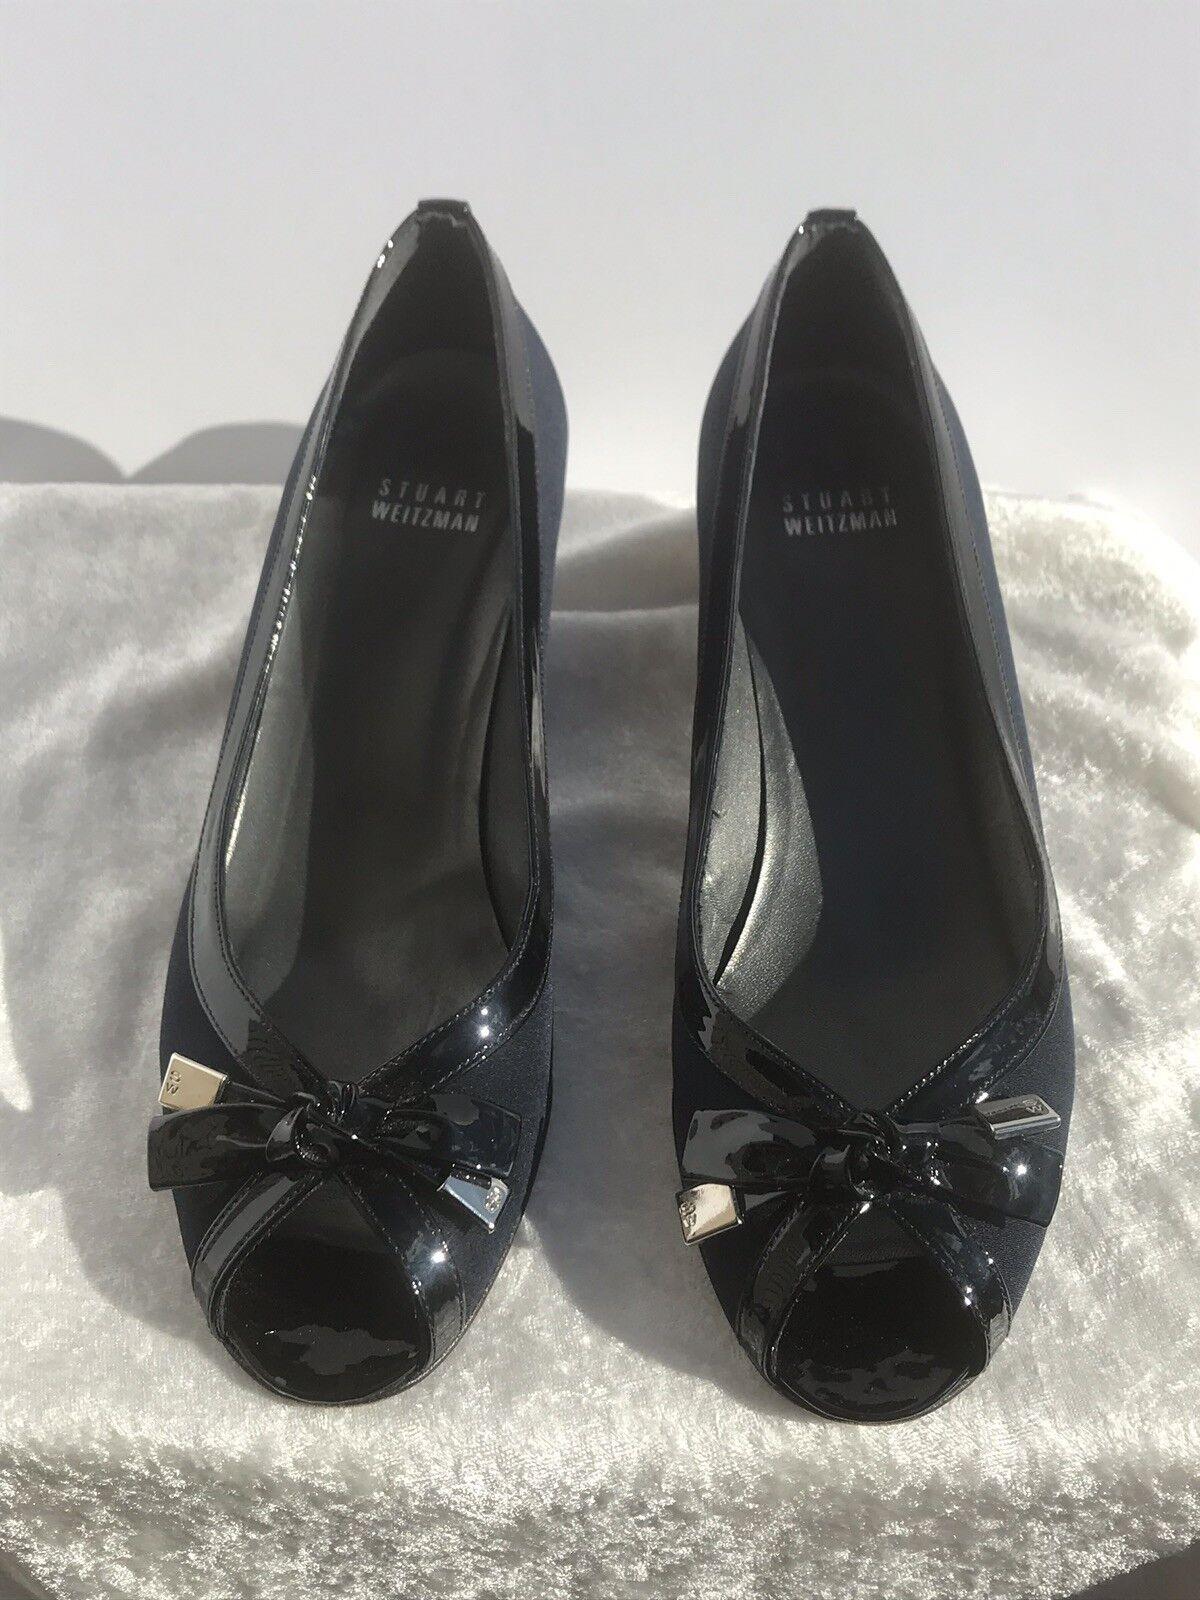 Stuart Weitzman TutiFruitti Navy Crepe Patent Leather Kitten Heel Open Toe Sz 8